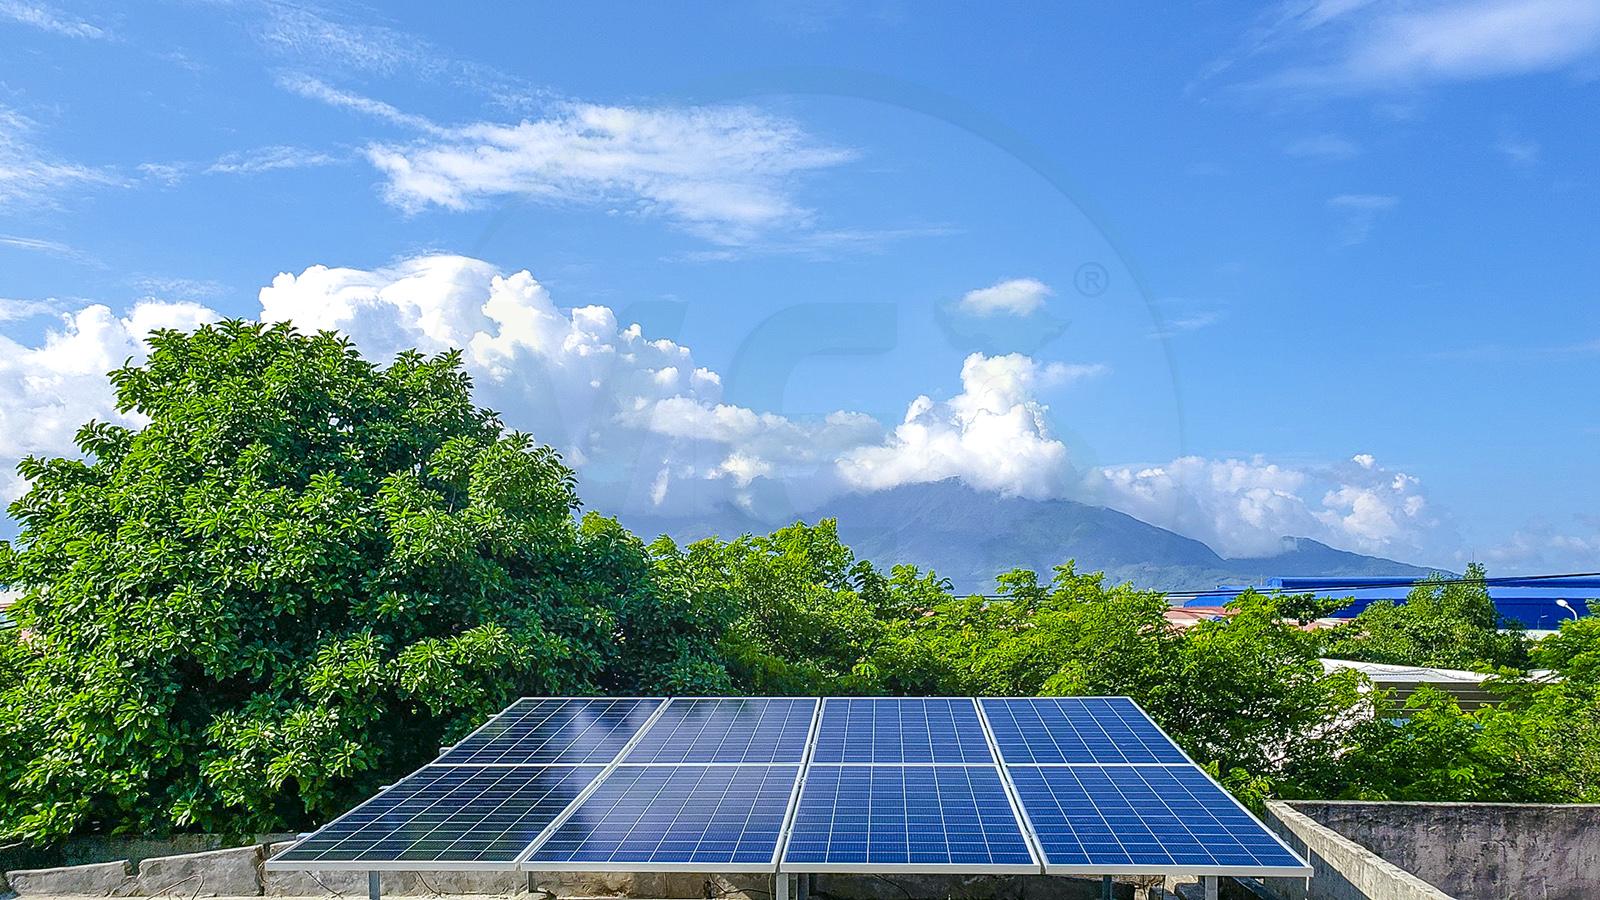 VES lắp điện năng lượng mặt trời tại Đà Nẵng